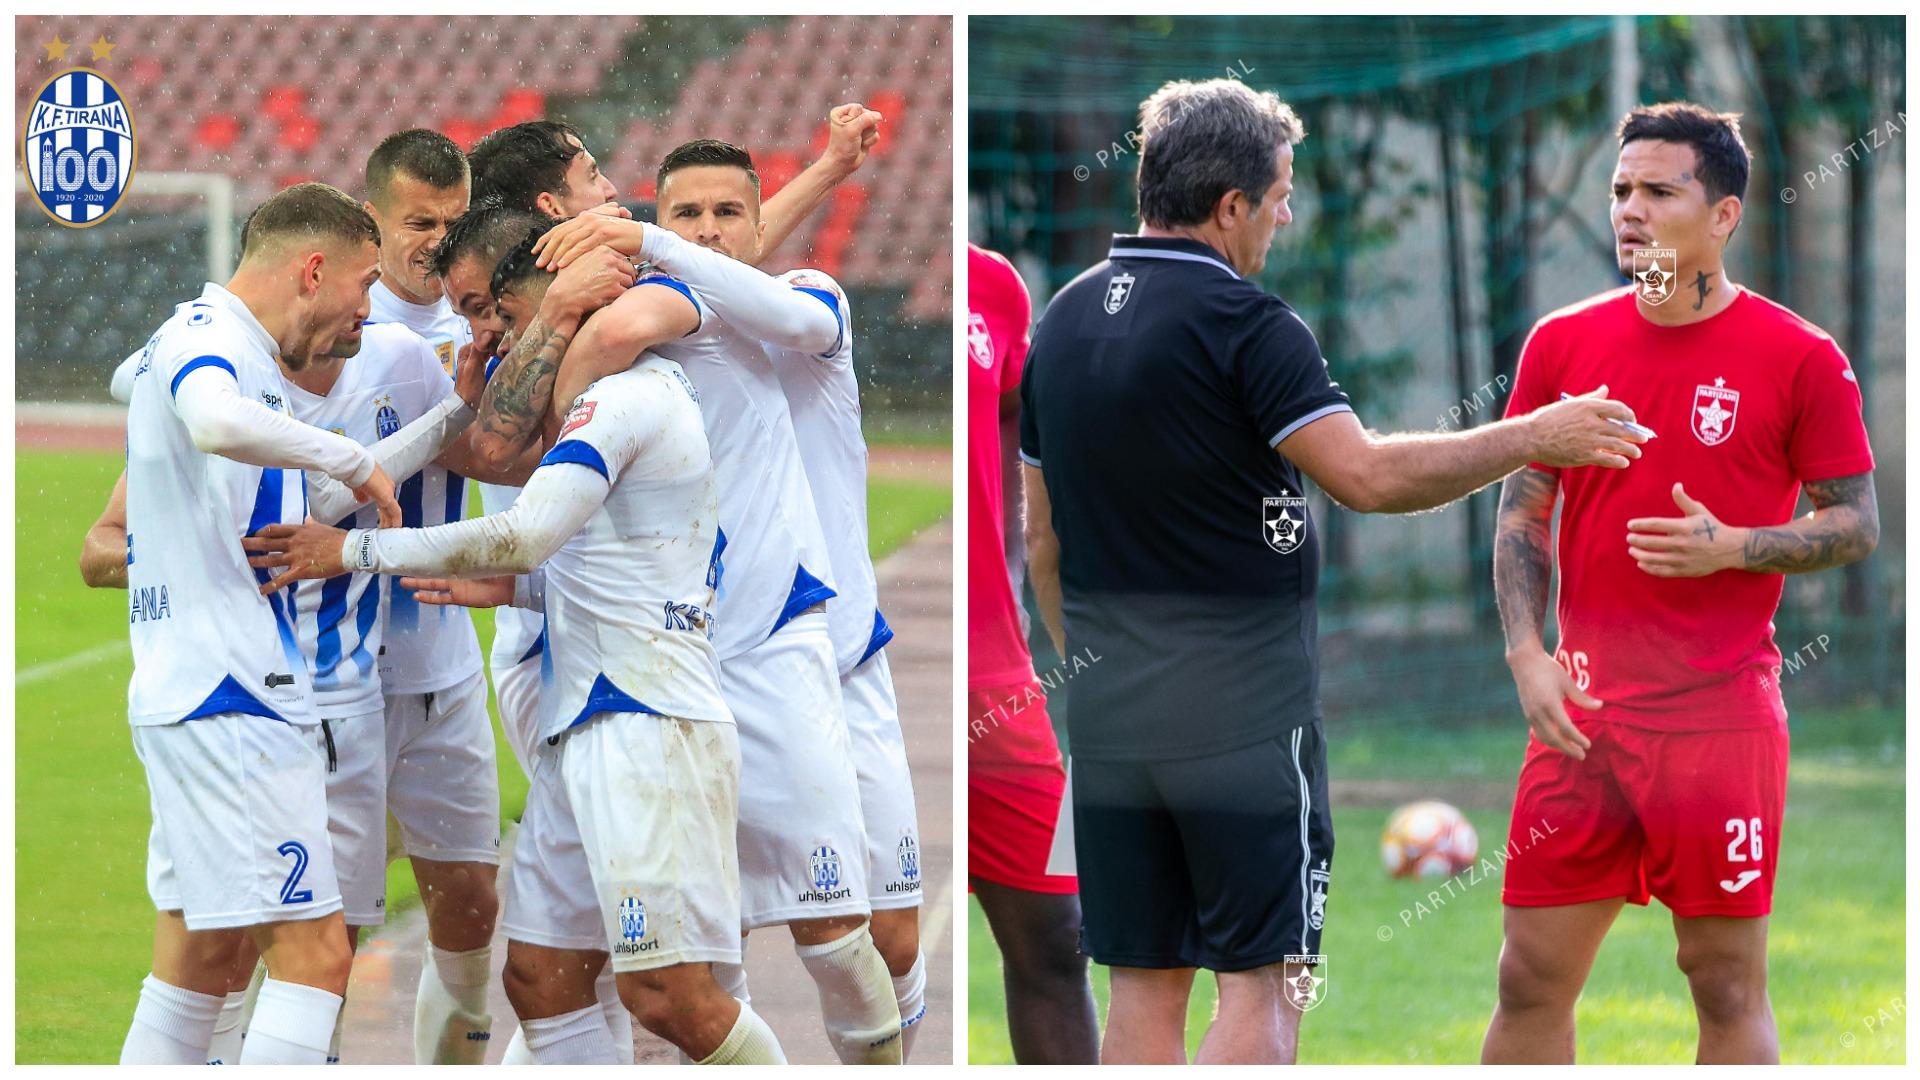 Cordeiro sulm direkt ndaj trajnerit Daja, Tirana bën merkato në Dibër e Laç